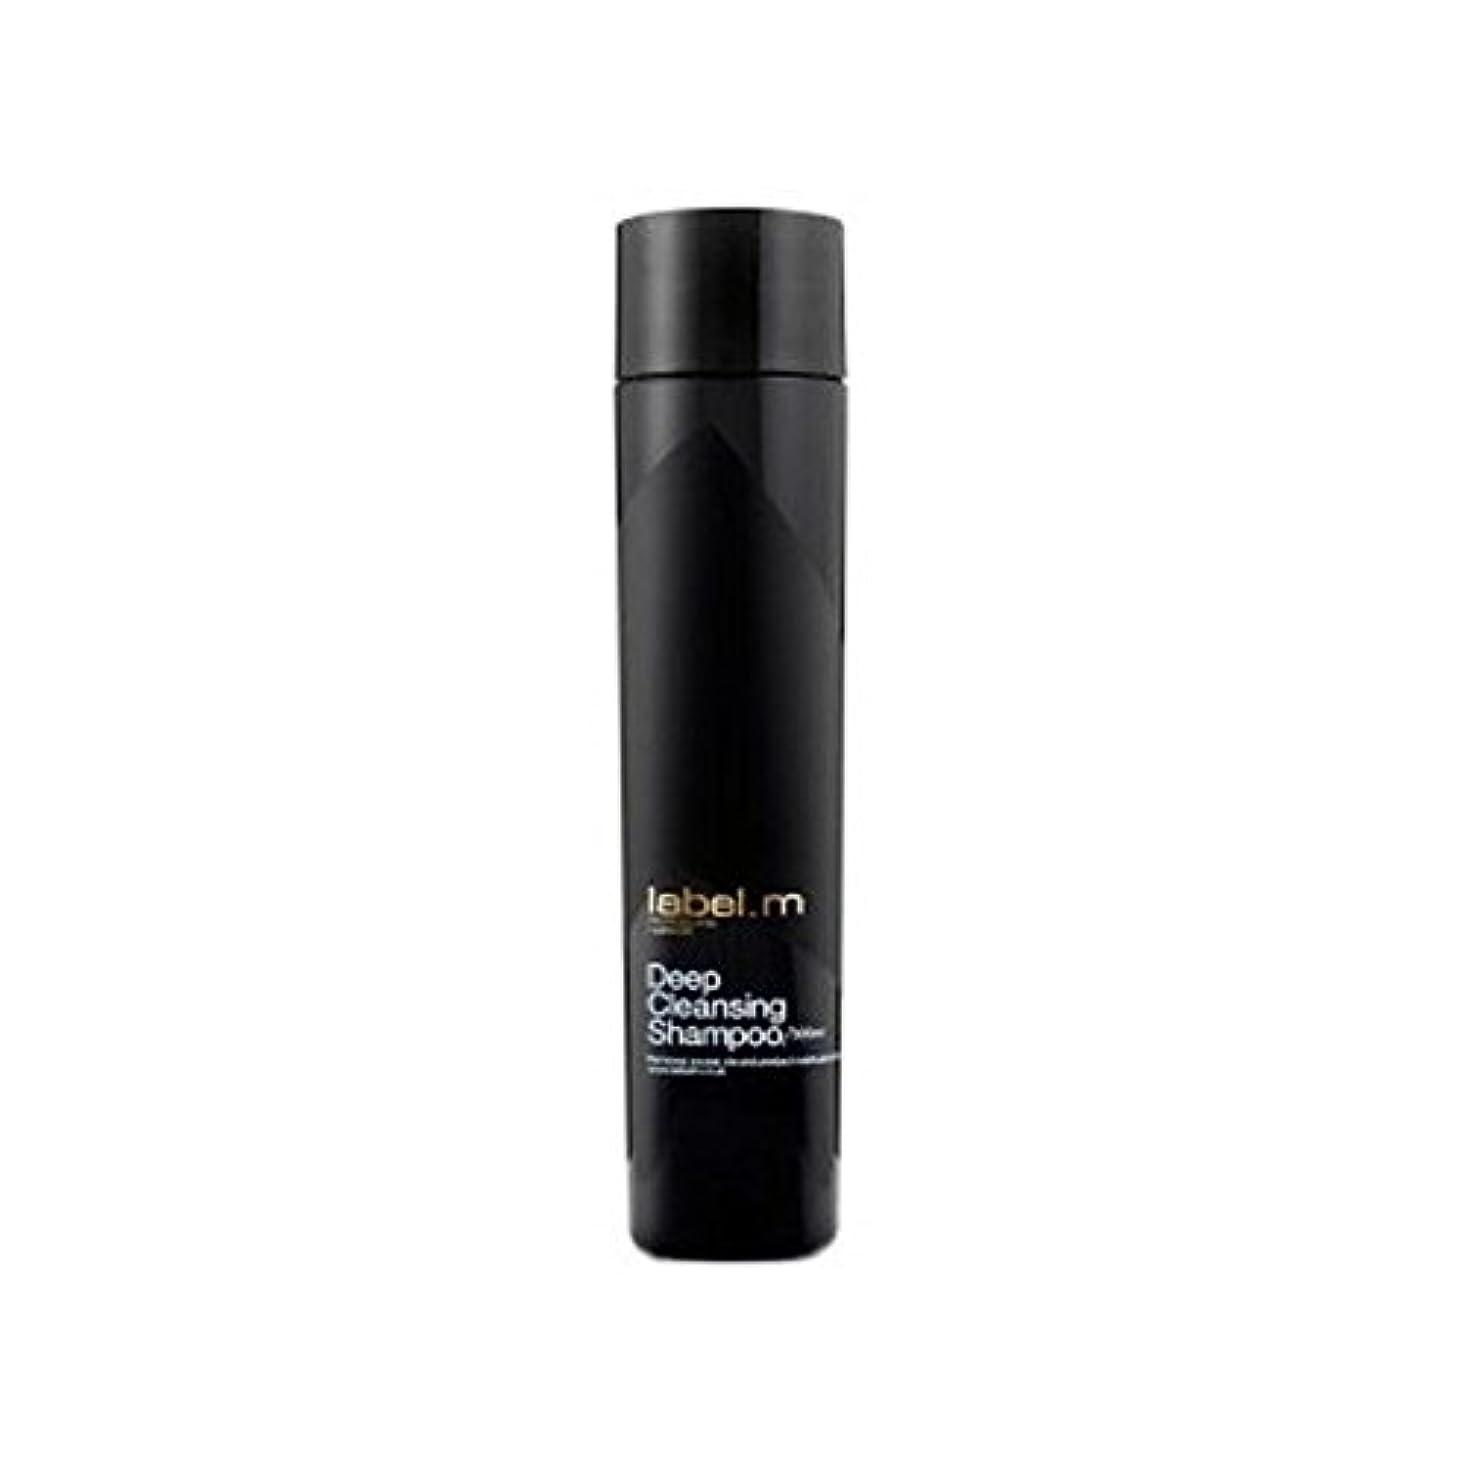 サンダースカレンダー食品.ディープクレンジングシャンプー(300ミリリットル) x2 - Label.M Deep Cleansing Shampoo (300ml) (Pack of 2) [並行輸入品]